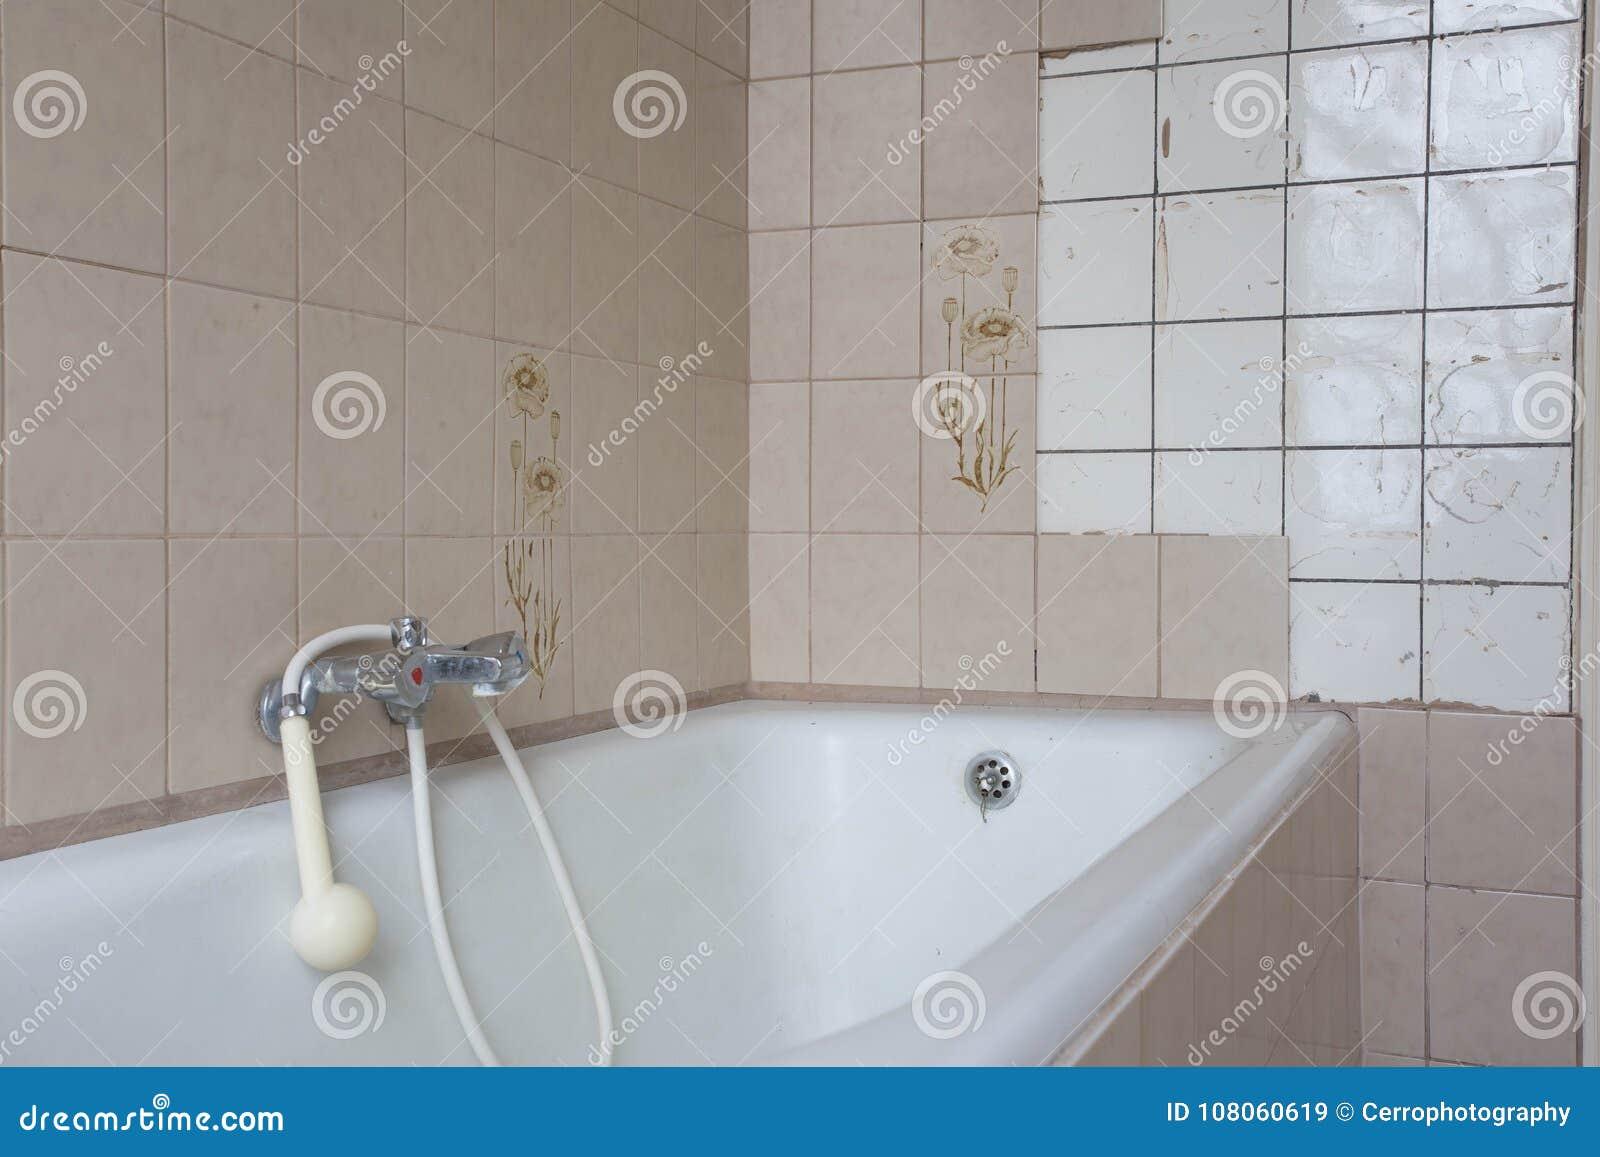 Idea riciclo vecchia vasca da bagno riciclotutto